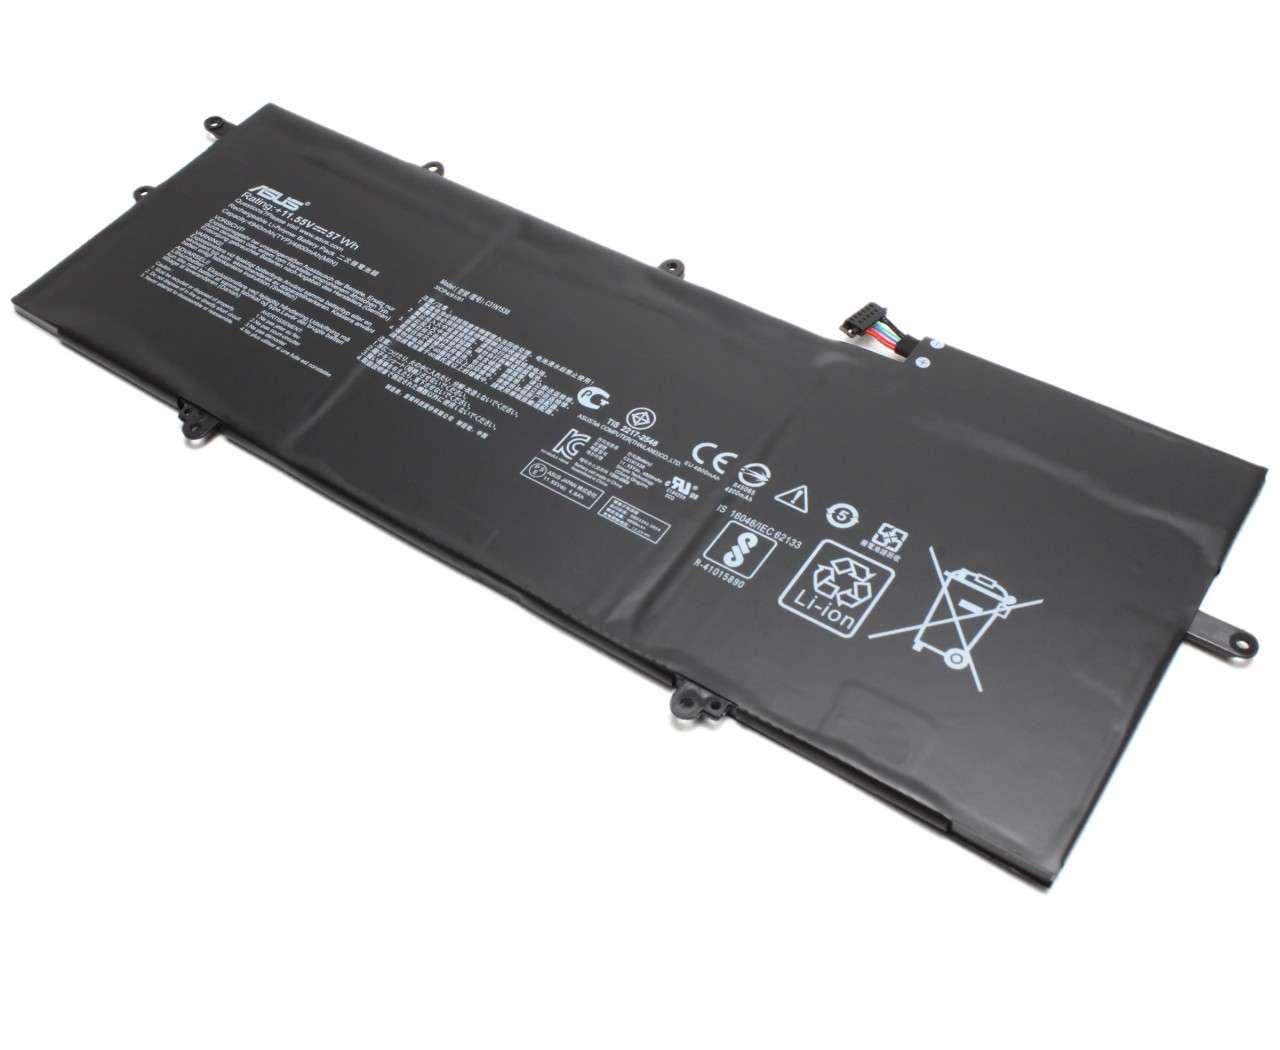 Baterie Asus Q324UA Originala 57Wh imagine